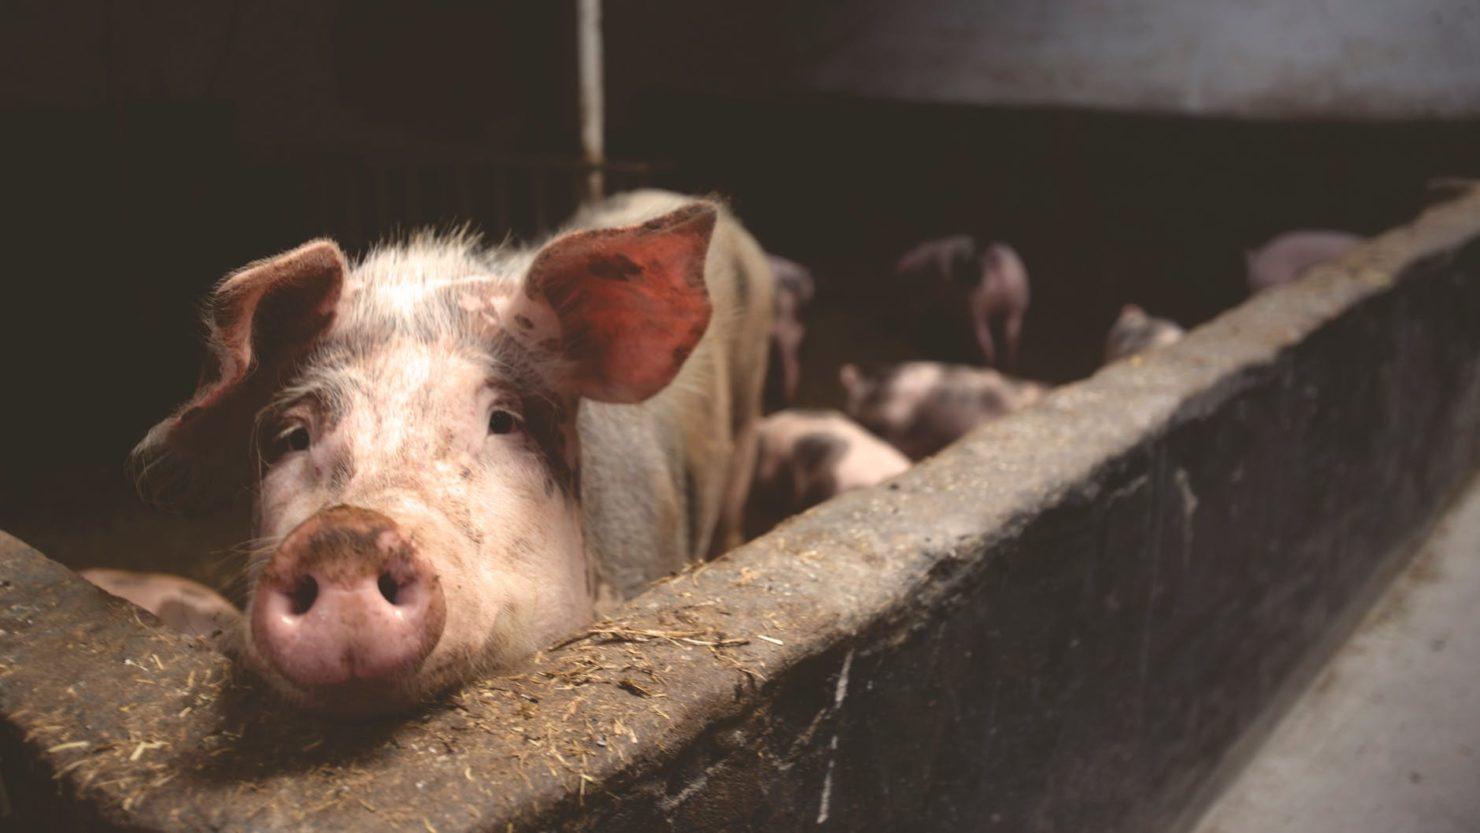 Oroscopo Cinese Maiale 2019 capodanno cinese 2019: l'anno del maiale di terra - roba da